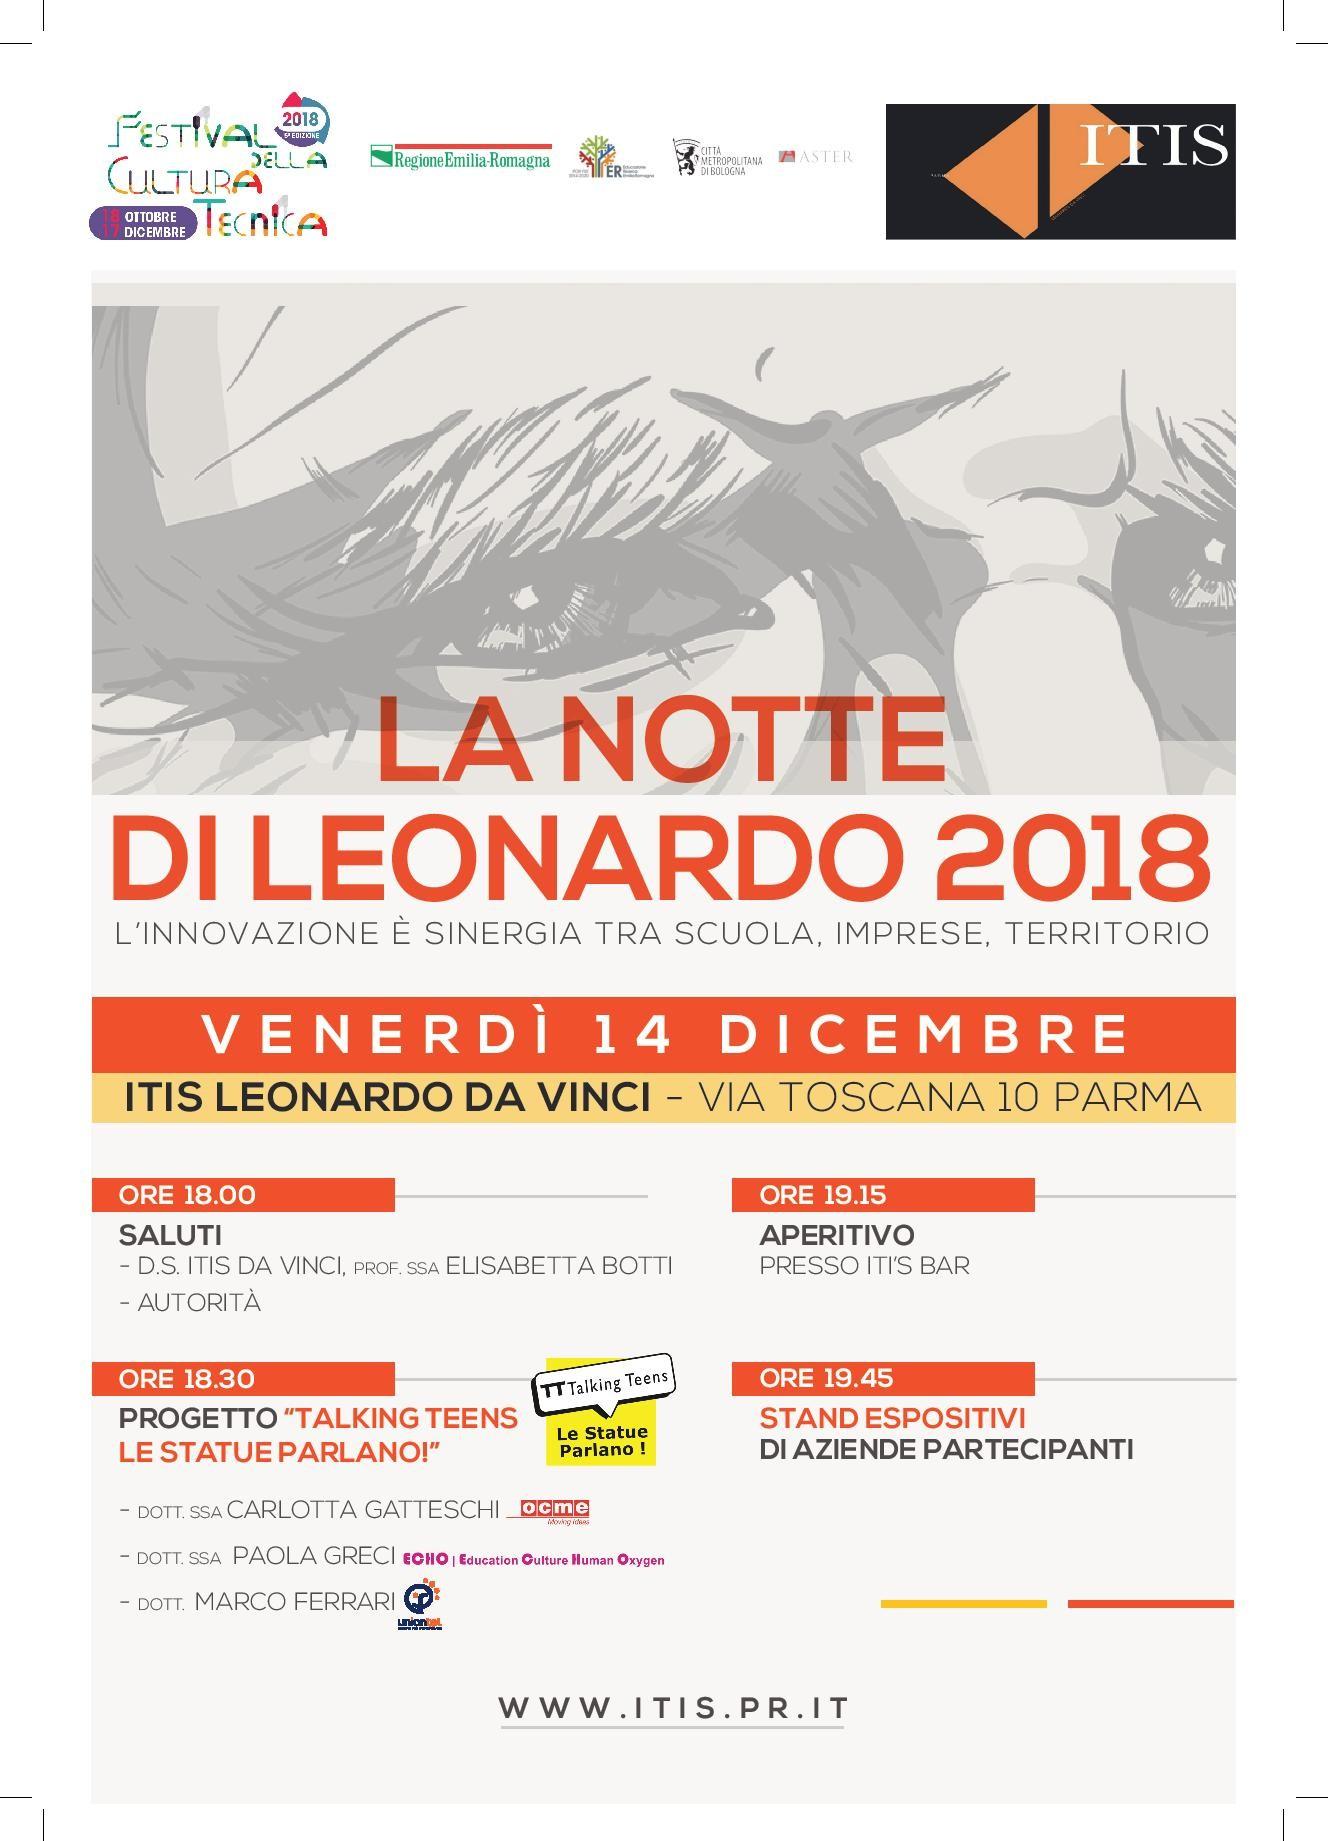 La Notte di Leonardo progettato e organizzato dall' ITIS Leonardo da Vinci di Parma